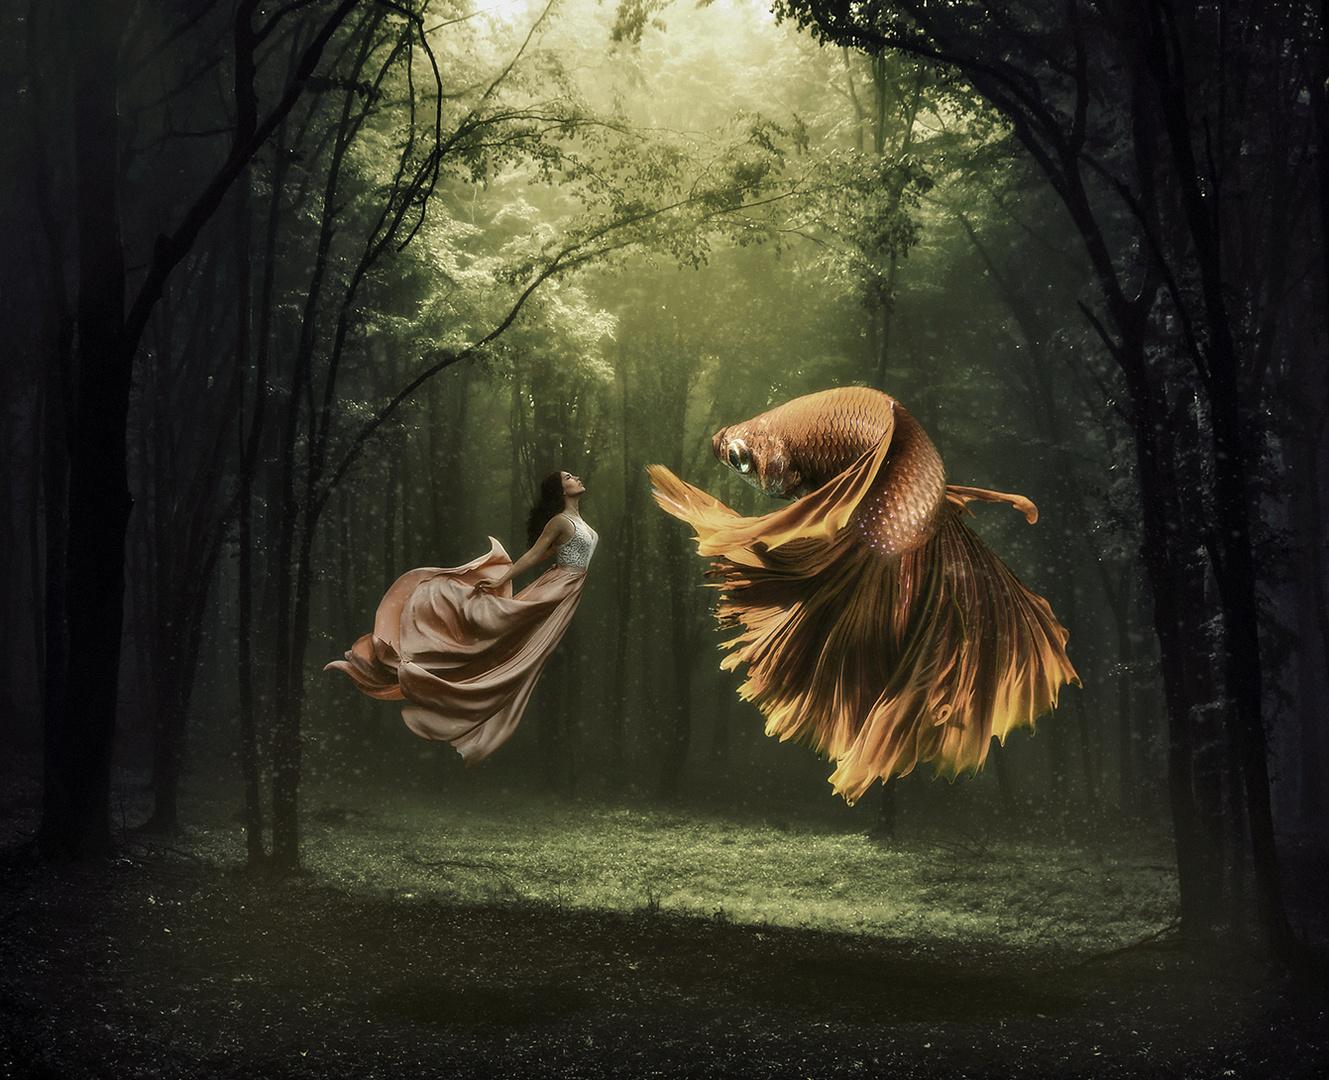 Dance of Beauty